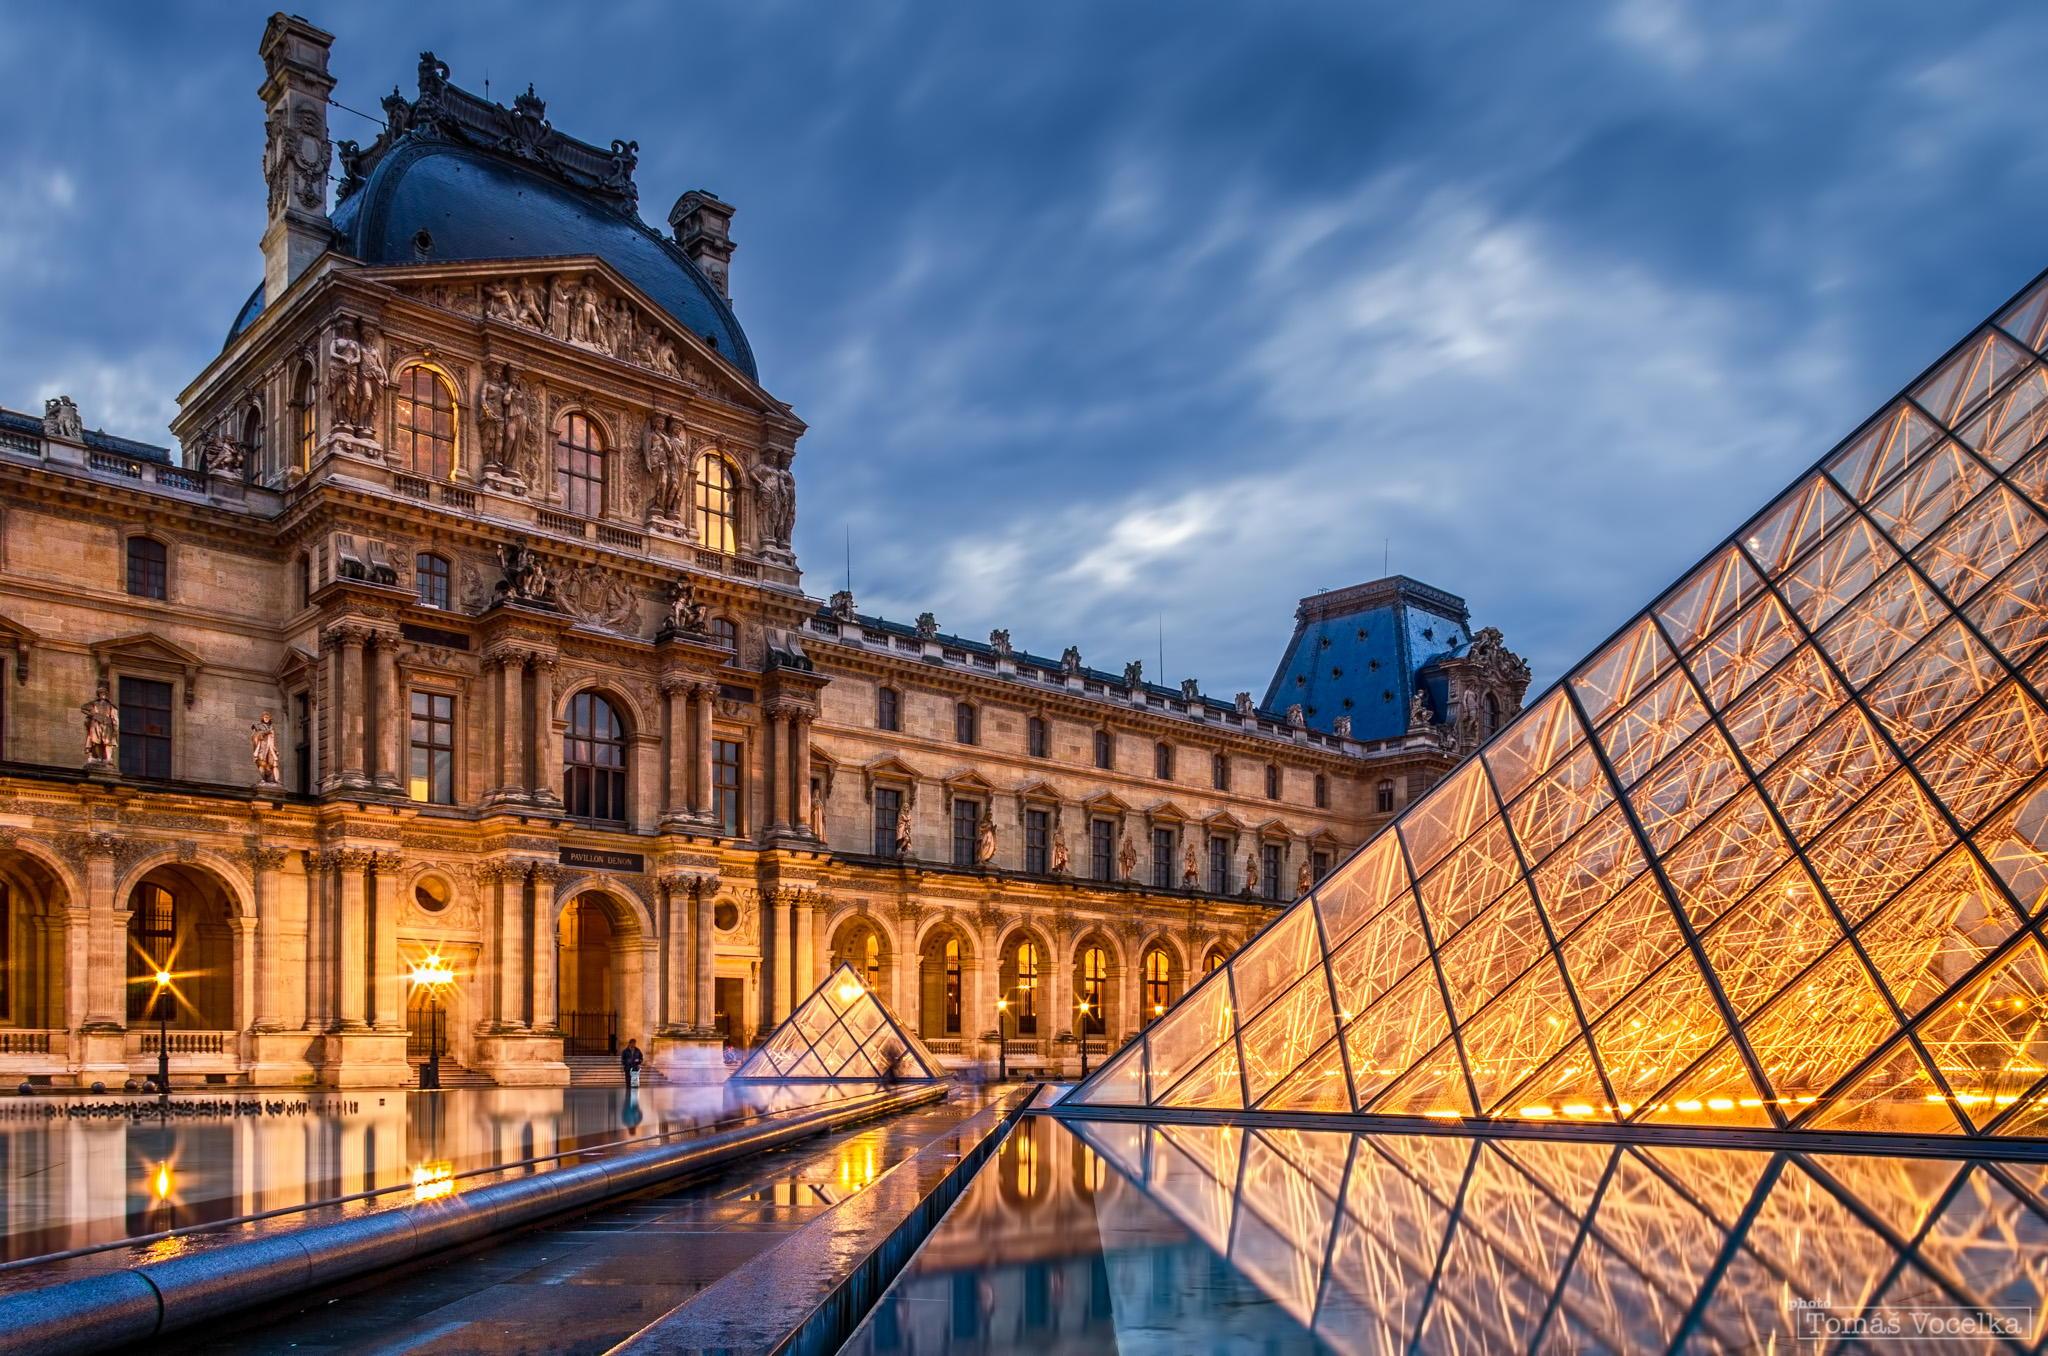 夜拍卢浮宫和埃菲尔铁塔-zol科技头条